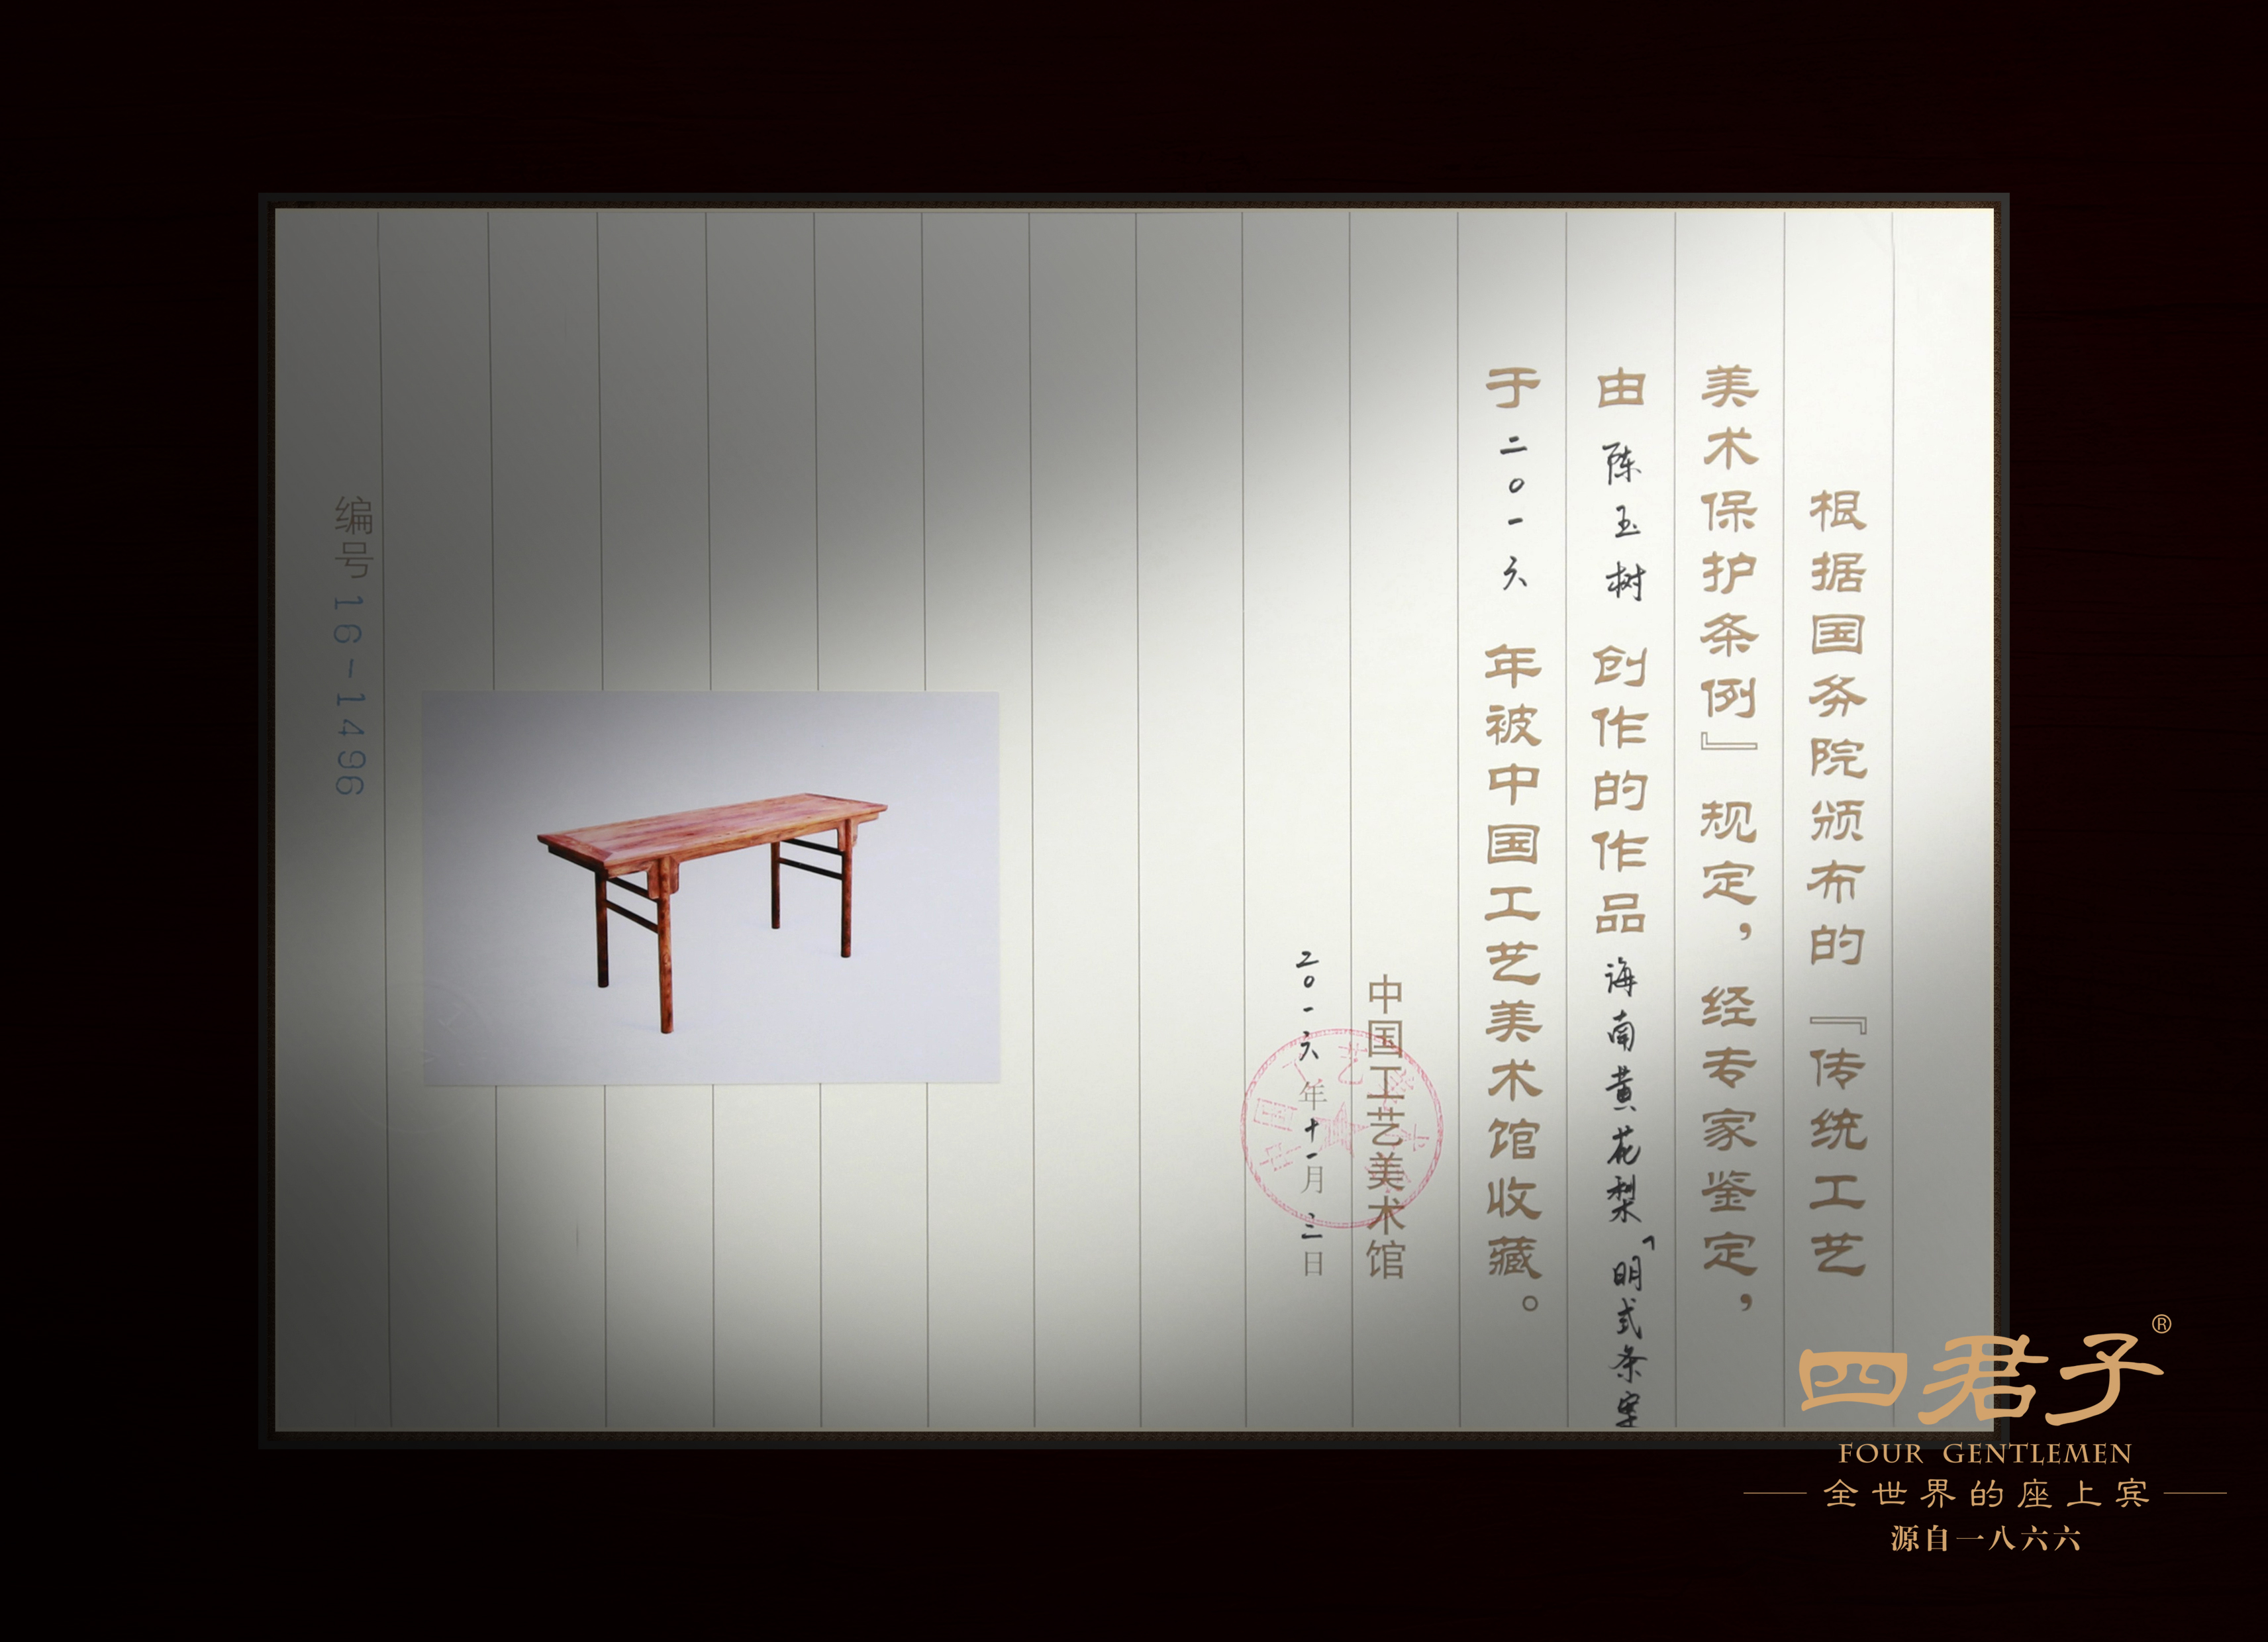 2016《明式条案》被工艺美术馆馆藏_副本.jpg